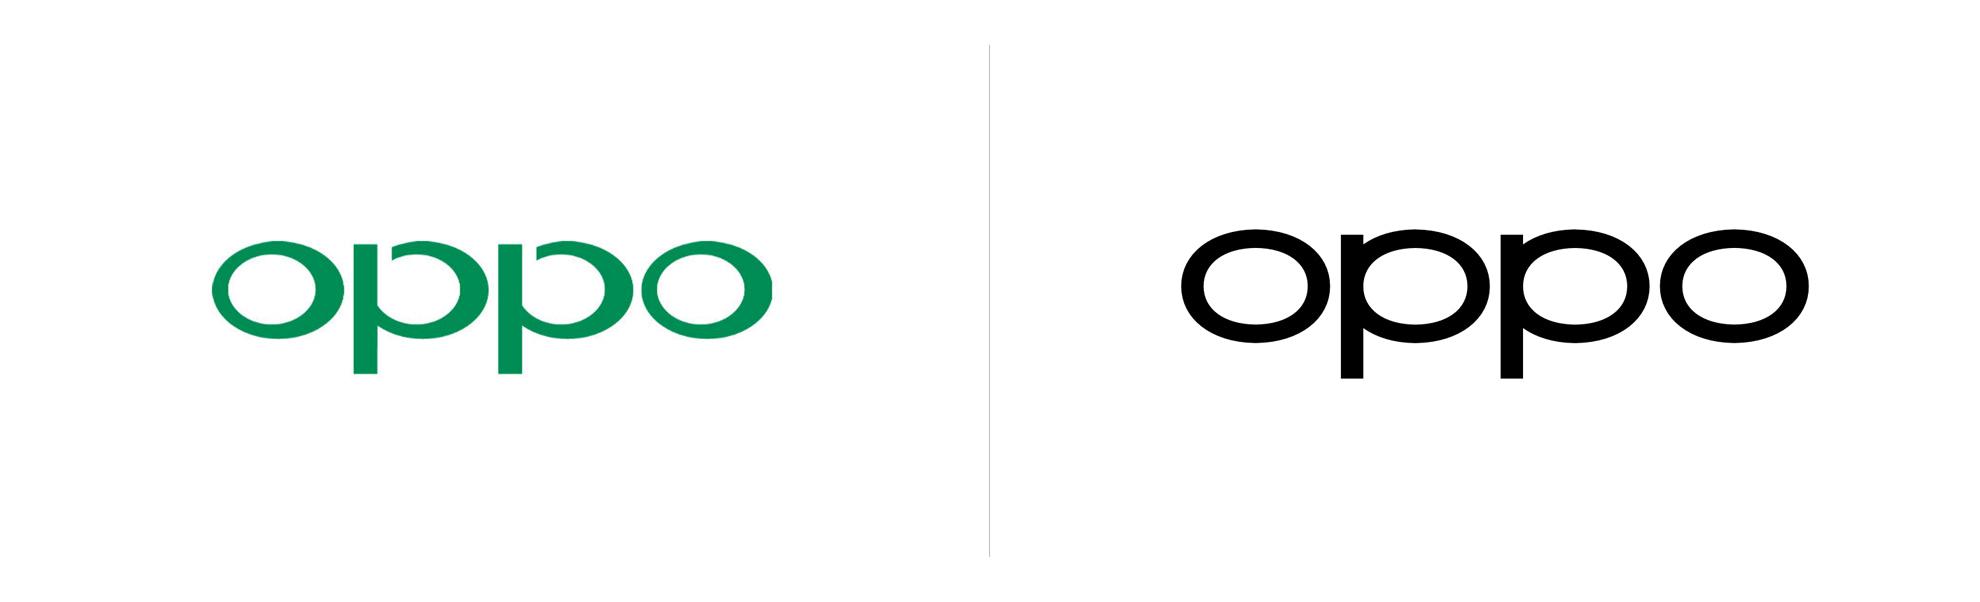 stare inowe logo oppo